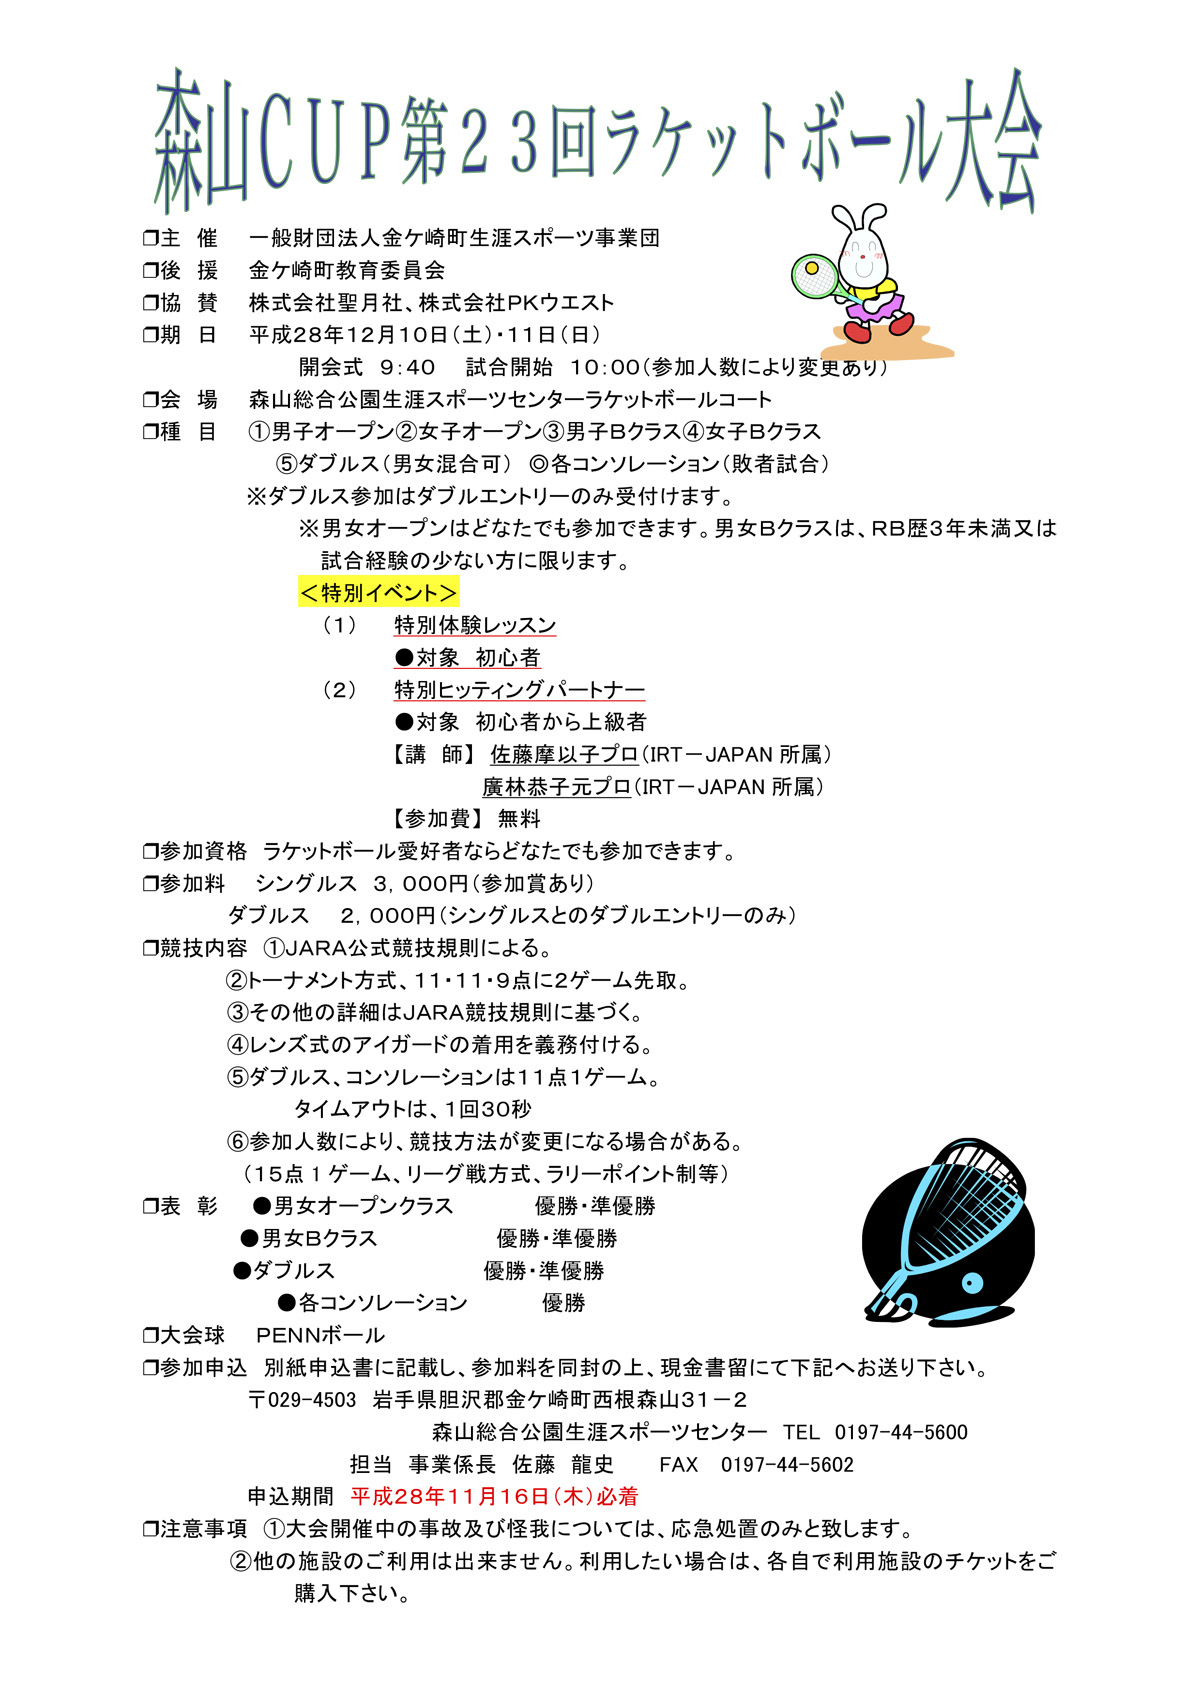 moriyama_cup_2016